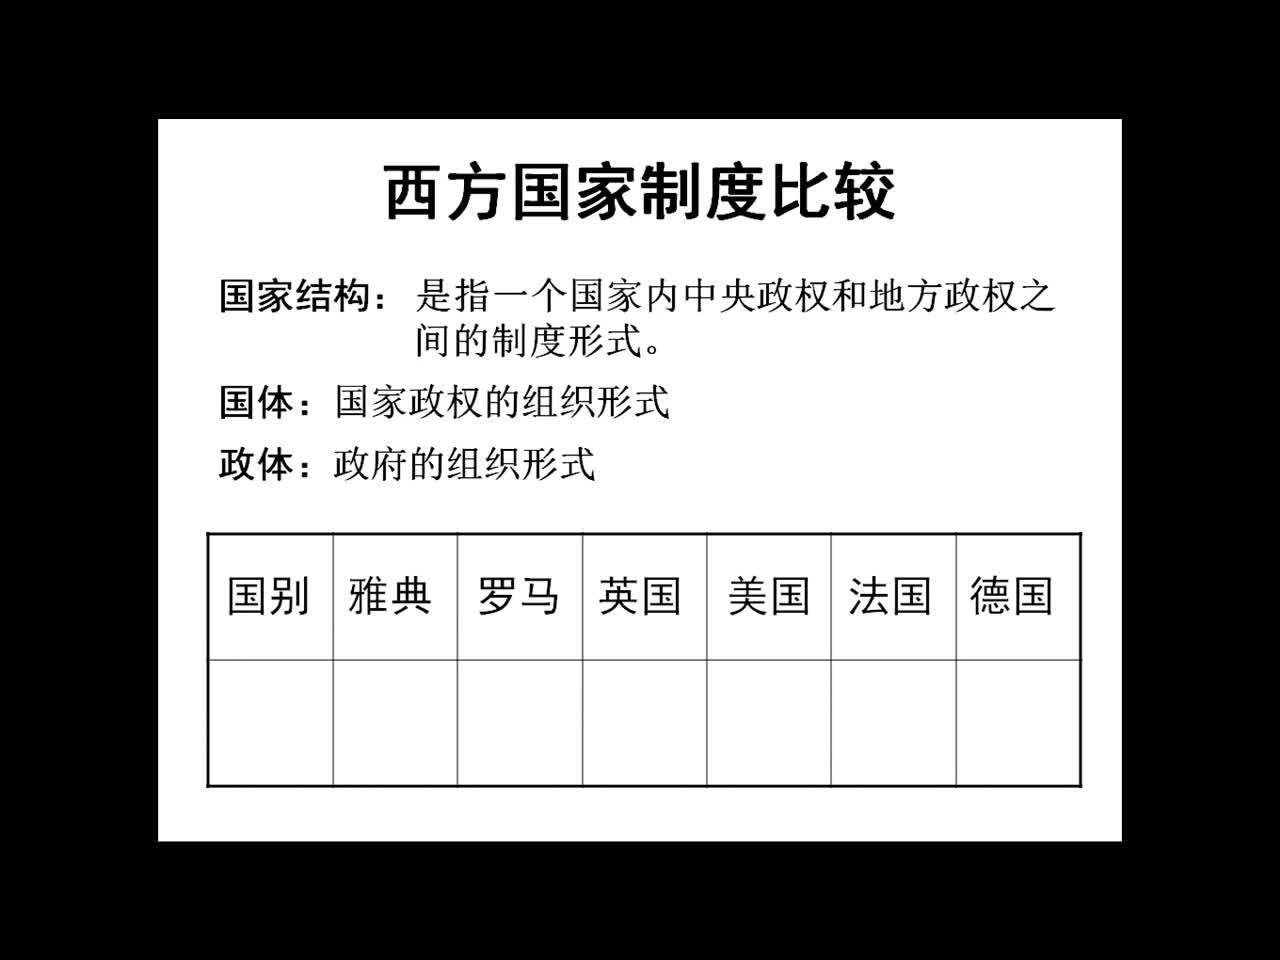 (历史裴鑫)高二历史:微课西方政治制度